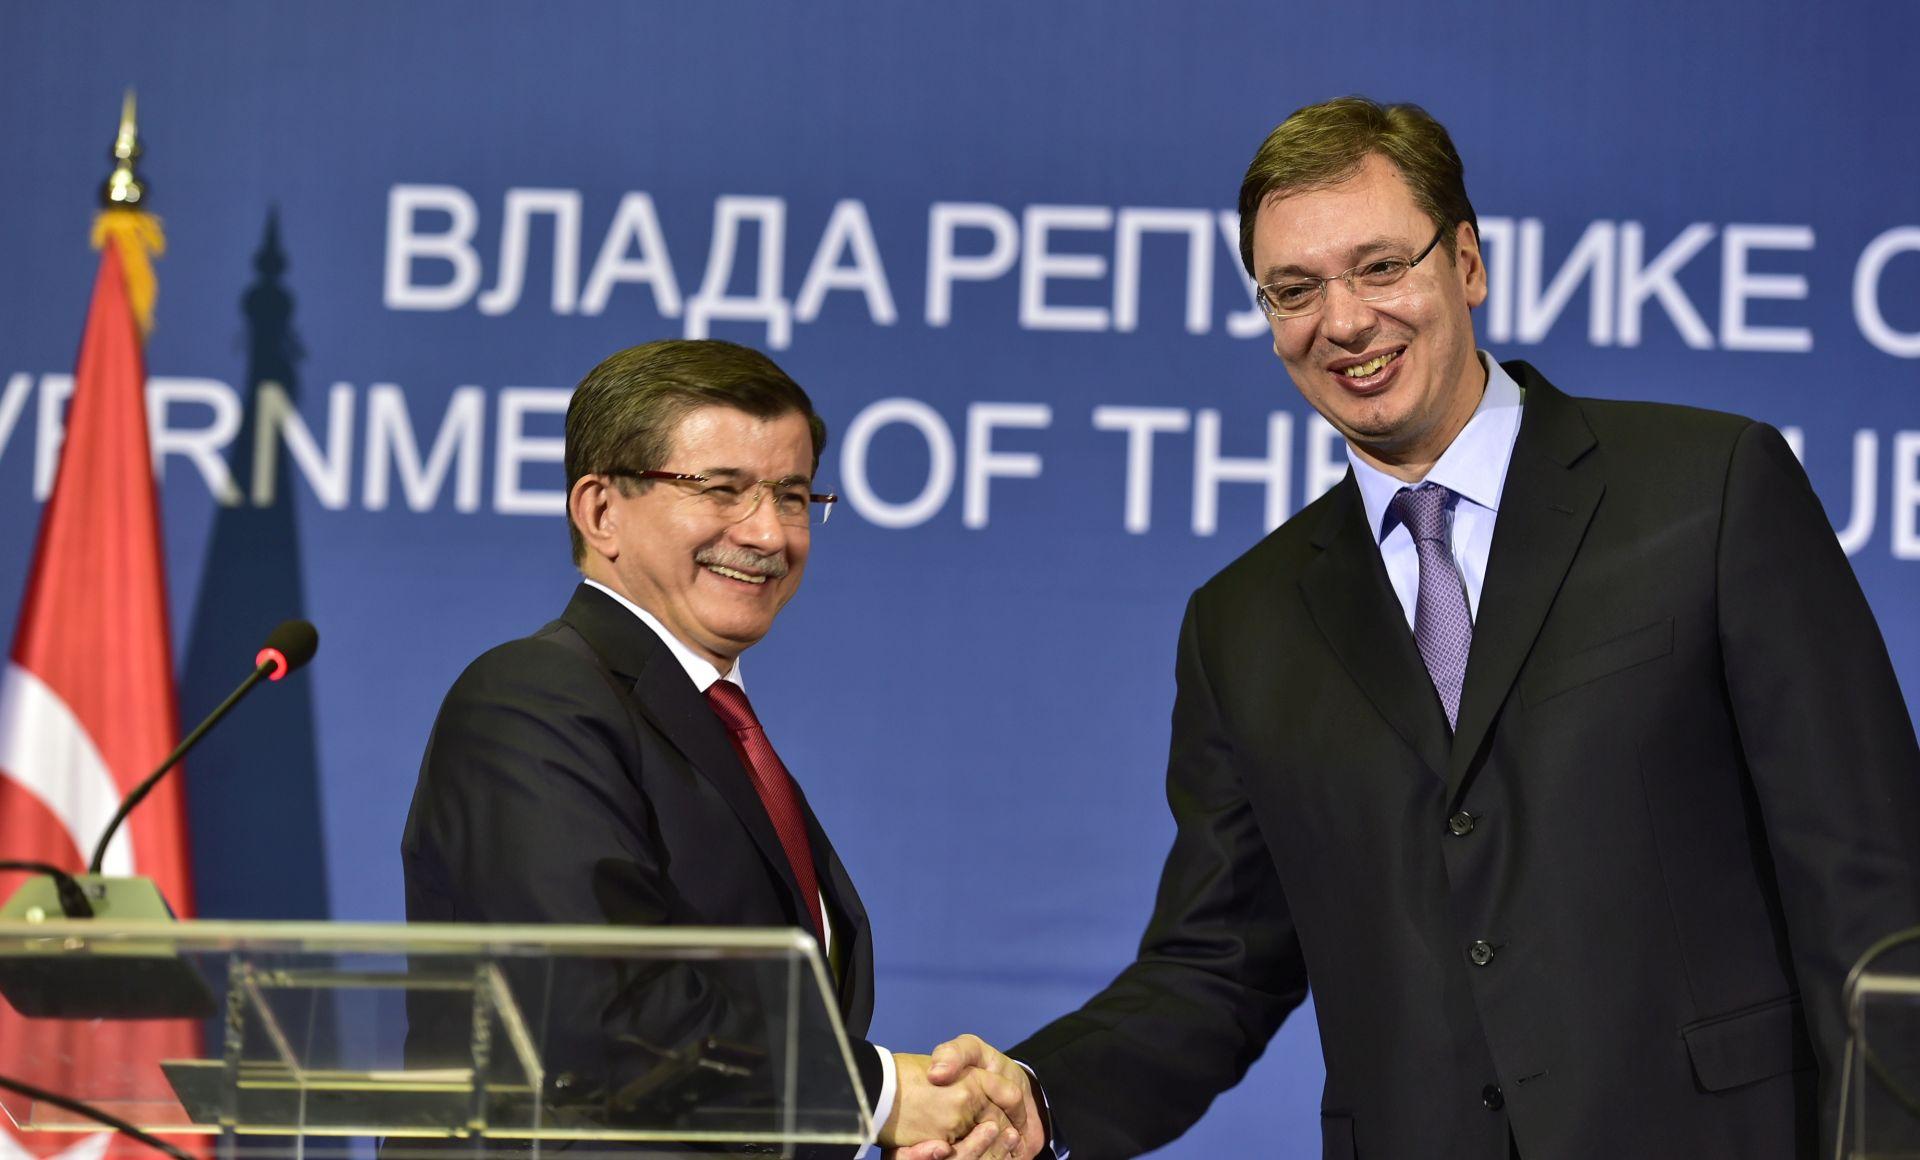 NOVA ULAGANJA: Davutoglu započeo posjet Srbiji, Vučić poziva turske investitore